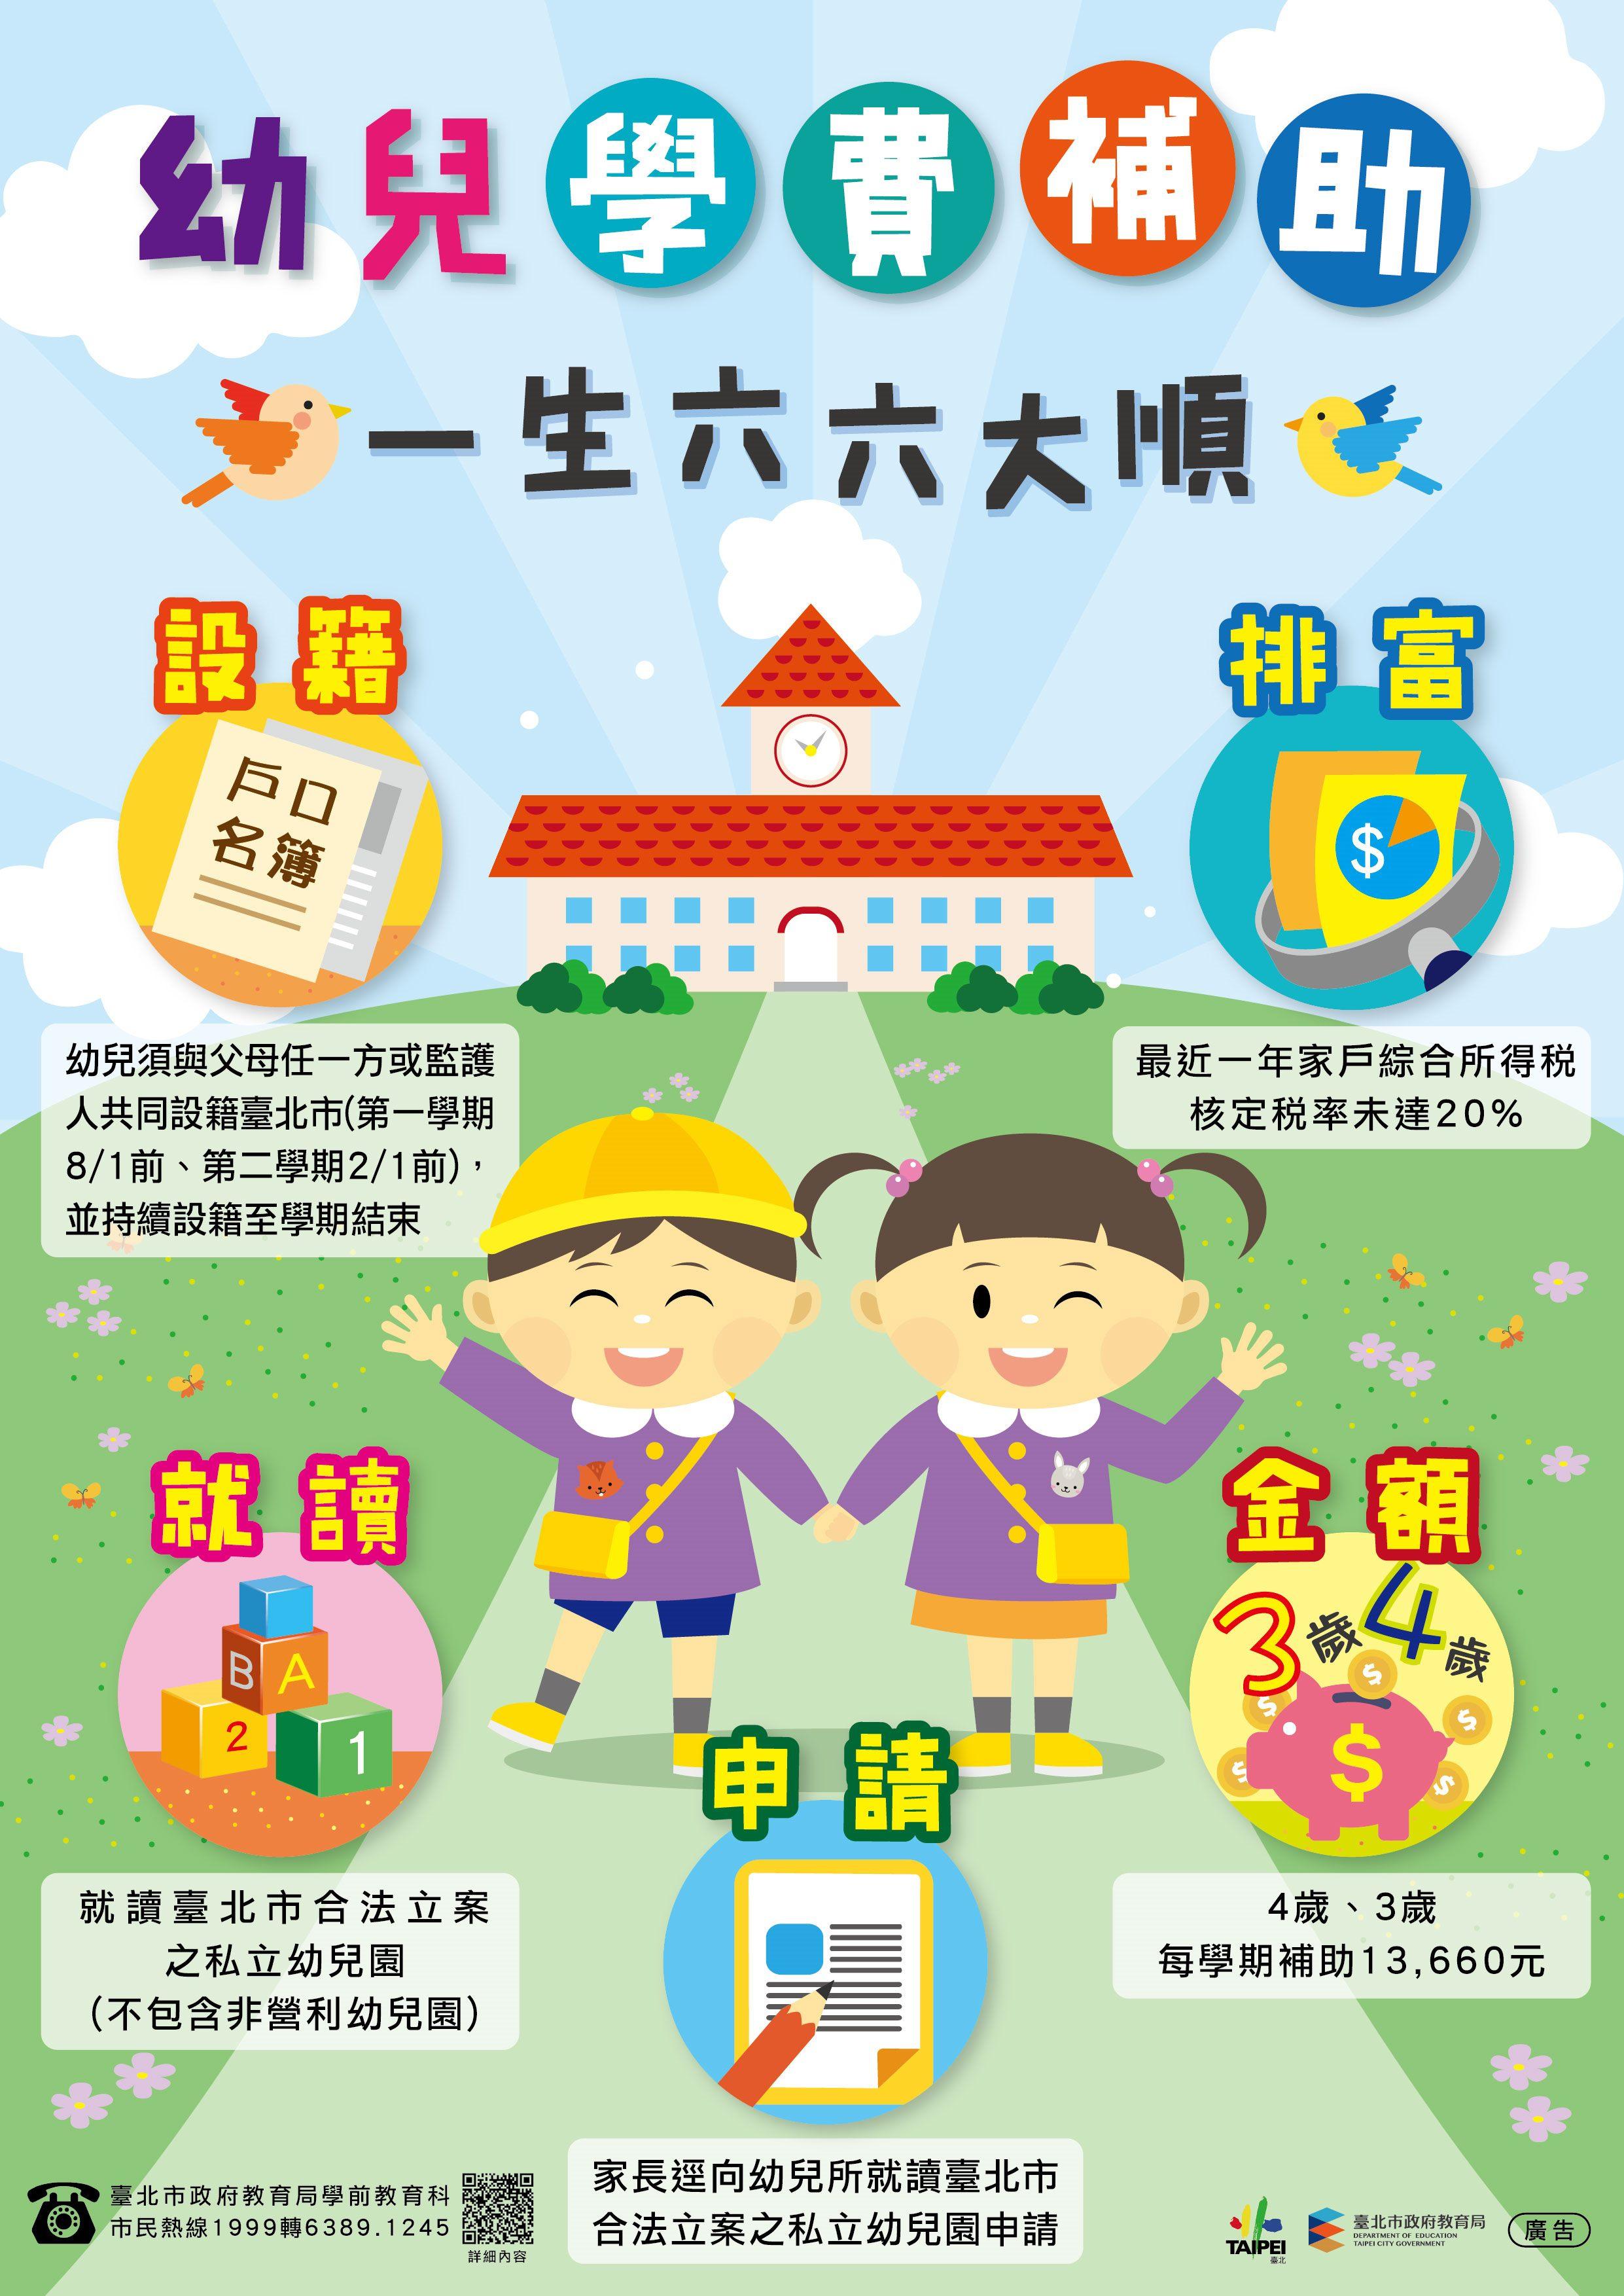 臺北市幼兒學費補助 一生六六大順方案 您申請了沒? 代表圖